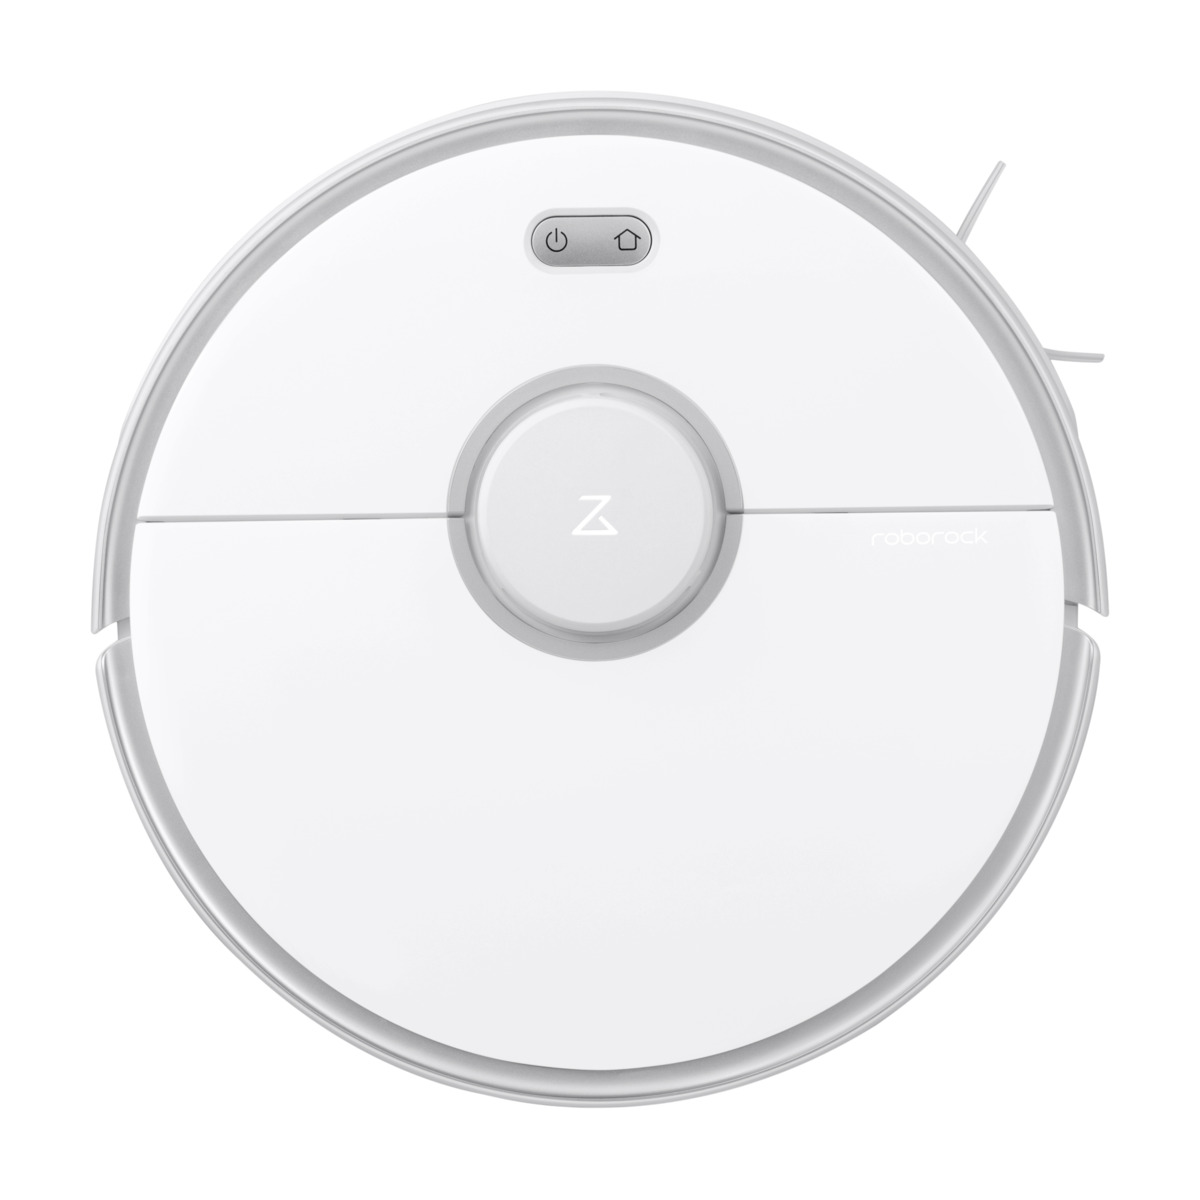 Xiaomi Roborock S5 Max robotstøvsuger (hvit) Støvsuger og